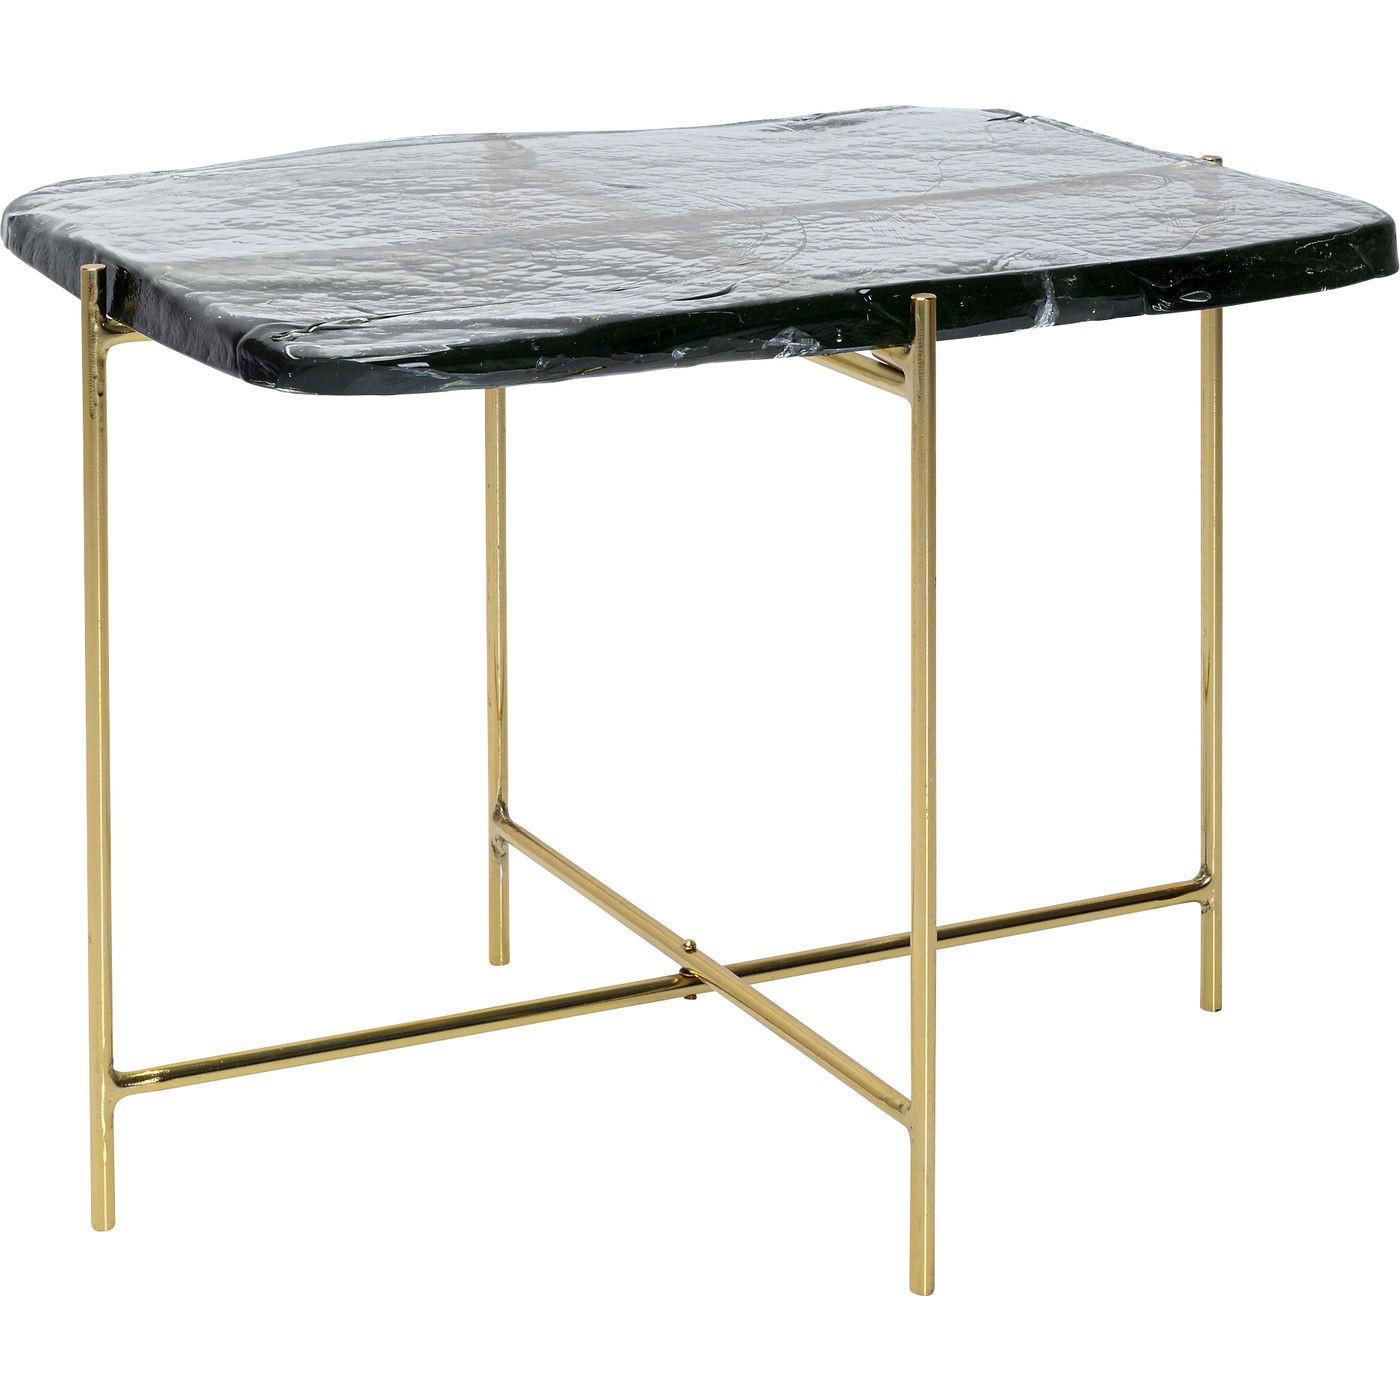 Table basse Ice 63x46cm pieds dorés Kare Design